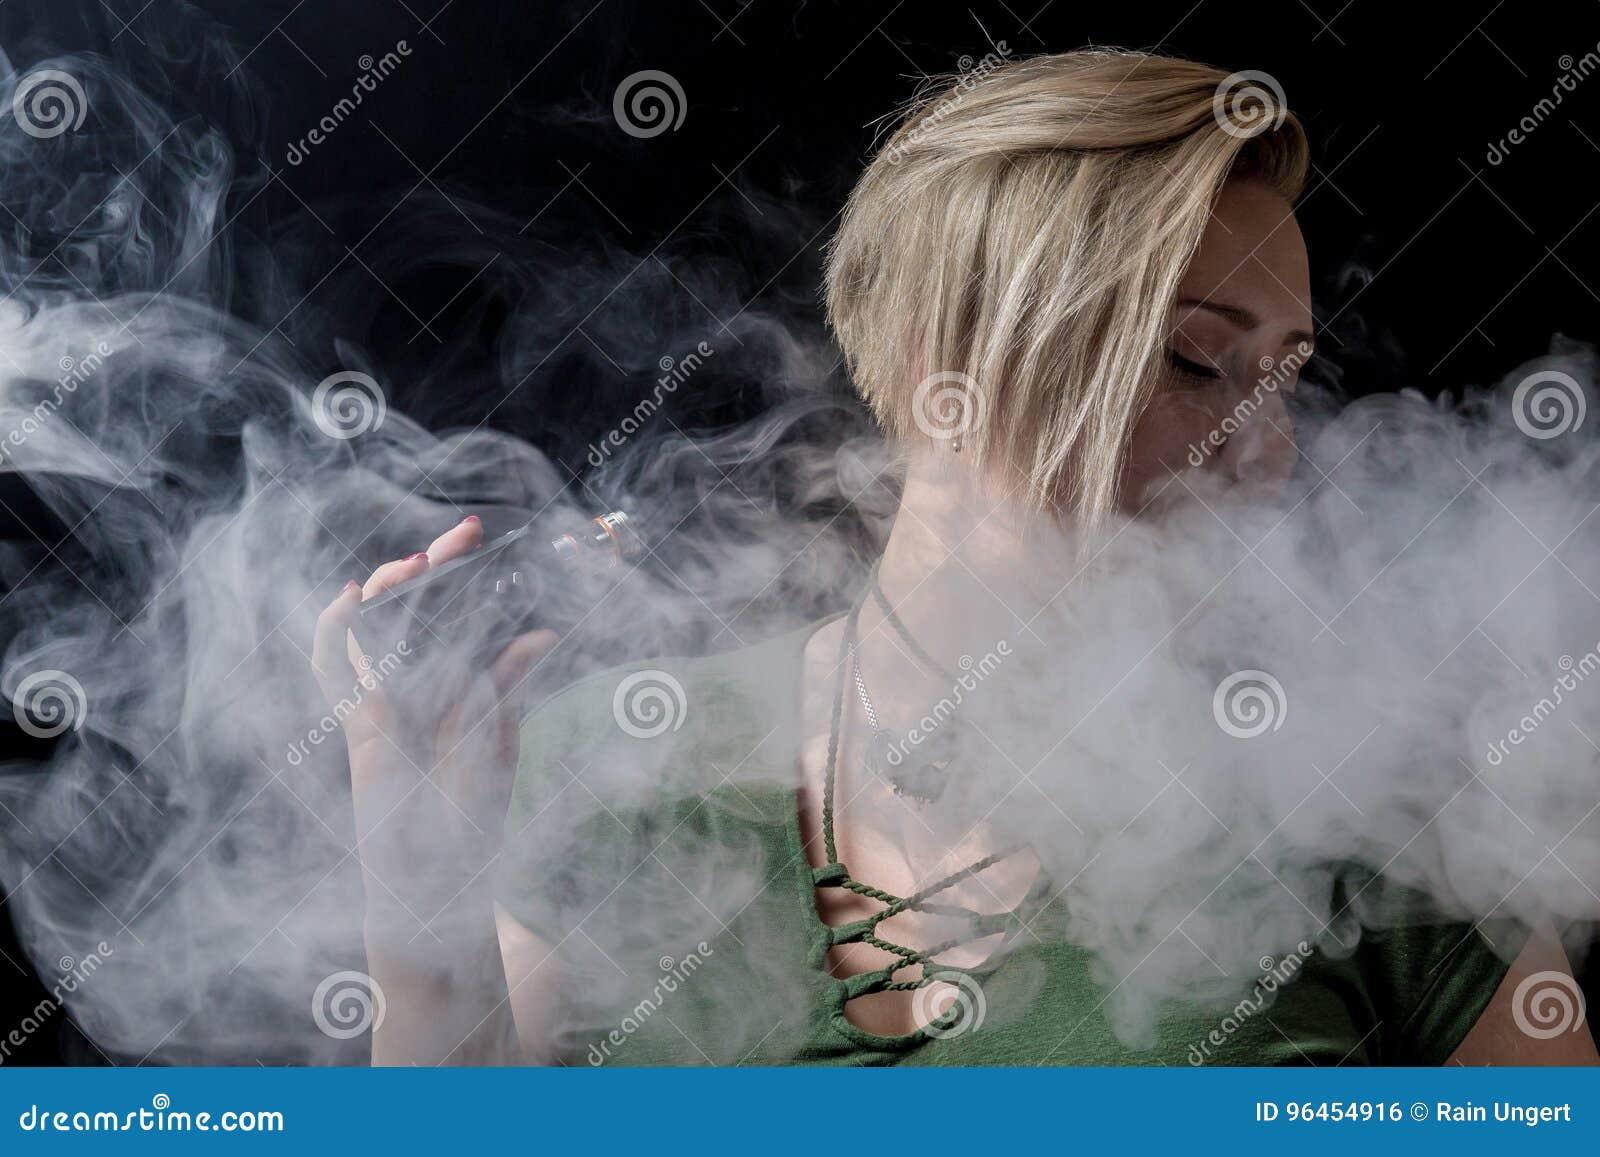 Female exhaling smoke and smoking vaporizer